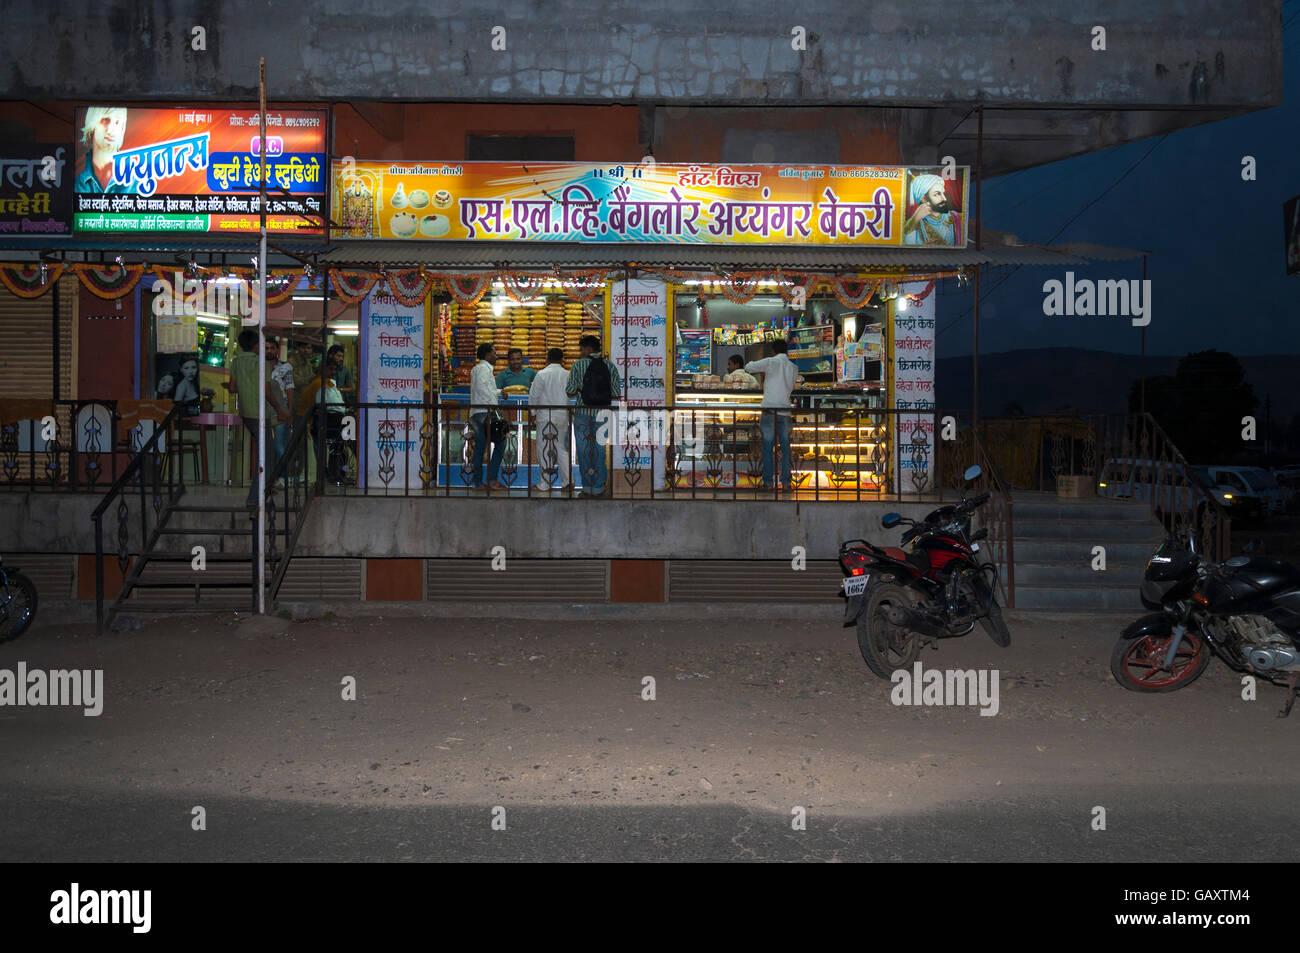 Paud village près de Pune, Maharashtra, Inde. La nuit, boutique. Banque D'Images